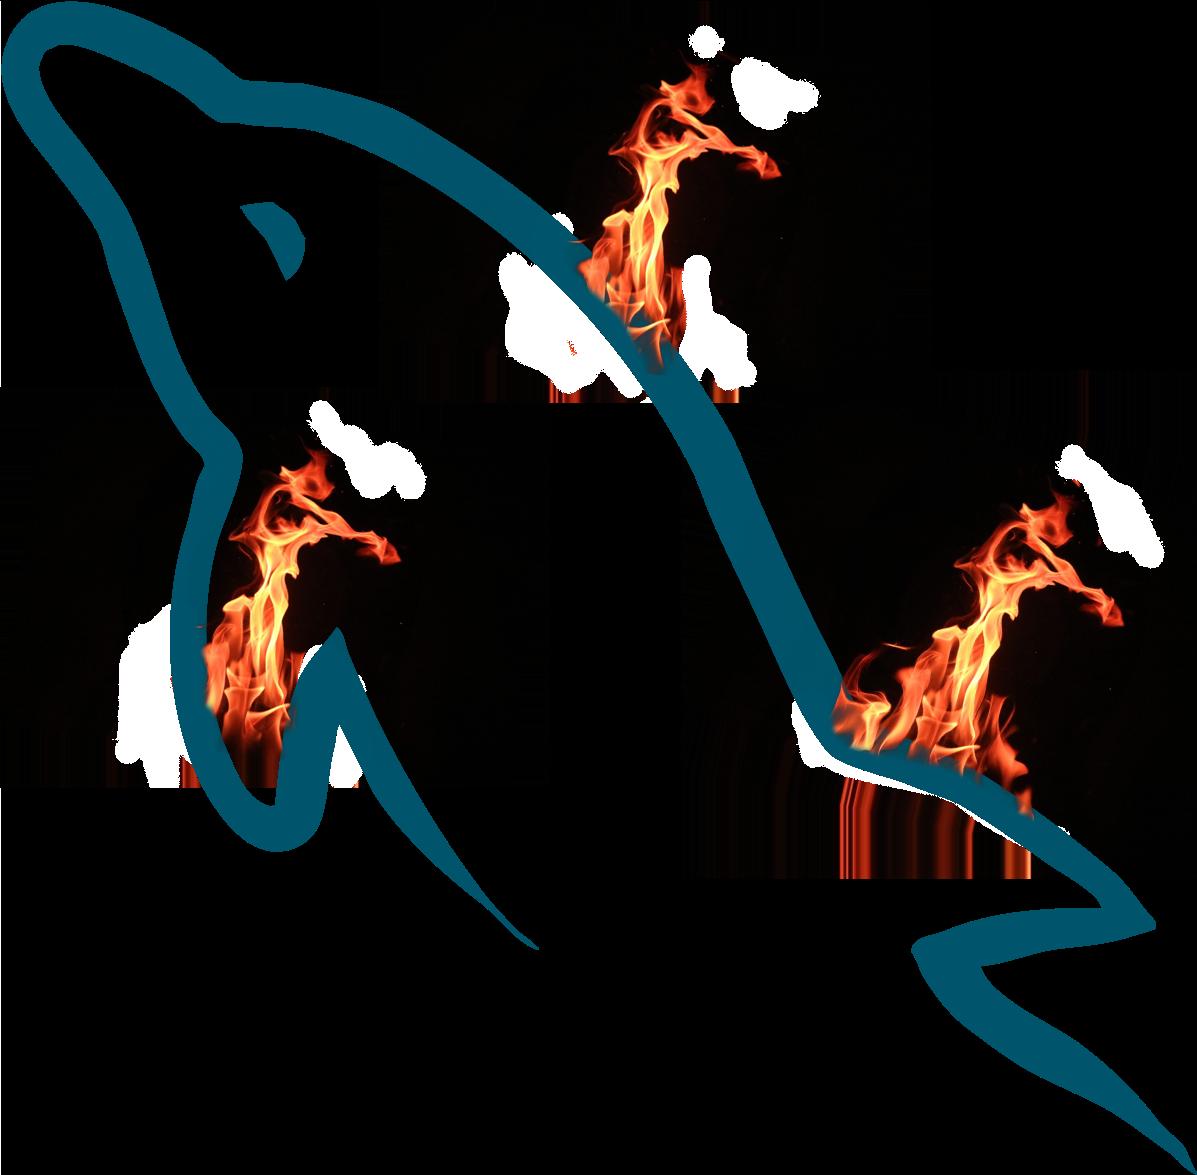 MySql_fire